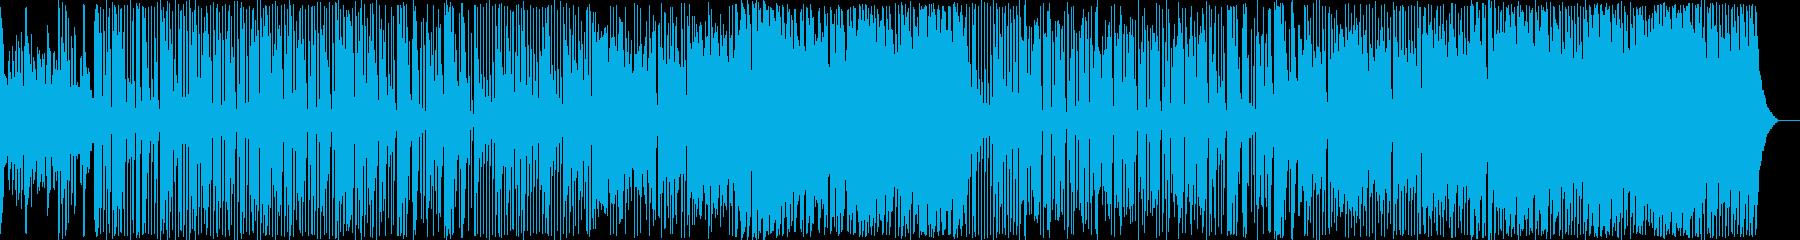 軽快な和風テイストBGMの再生済みの波形